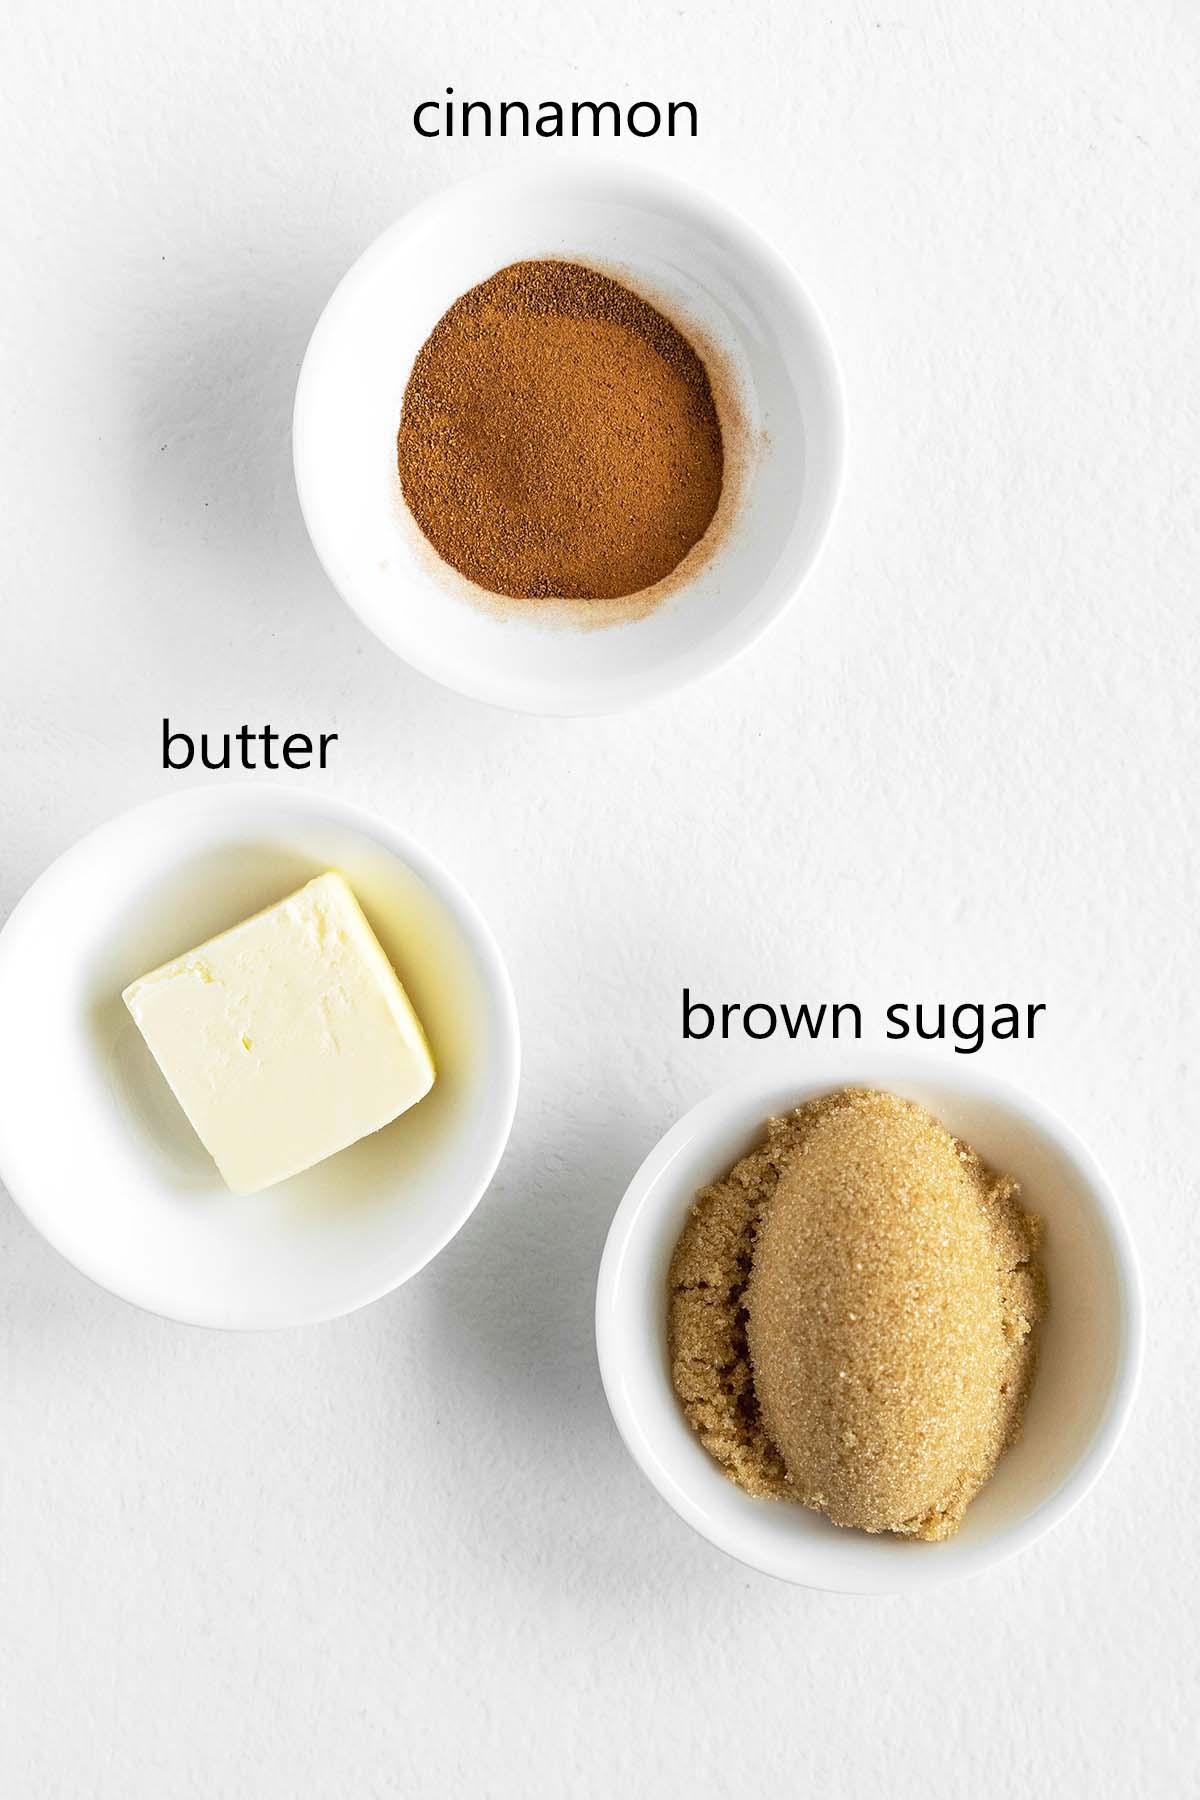 cinnamon filling ingredients